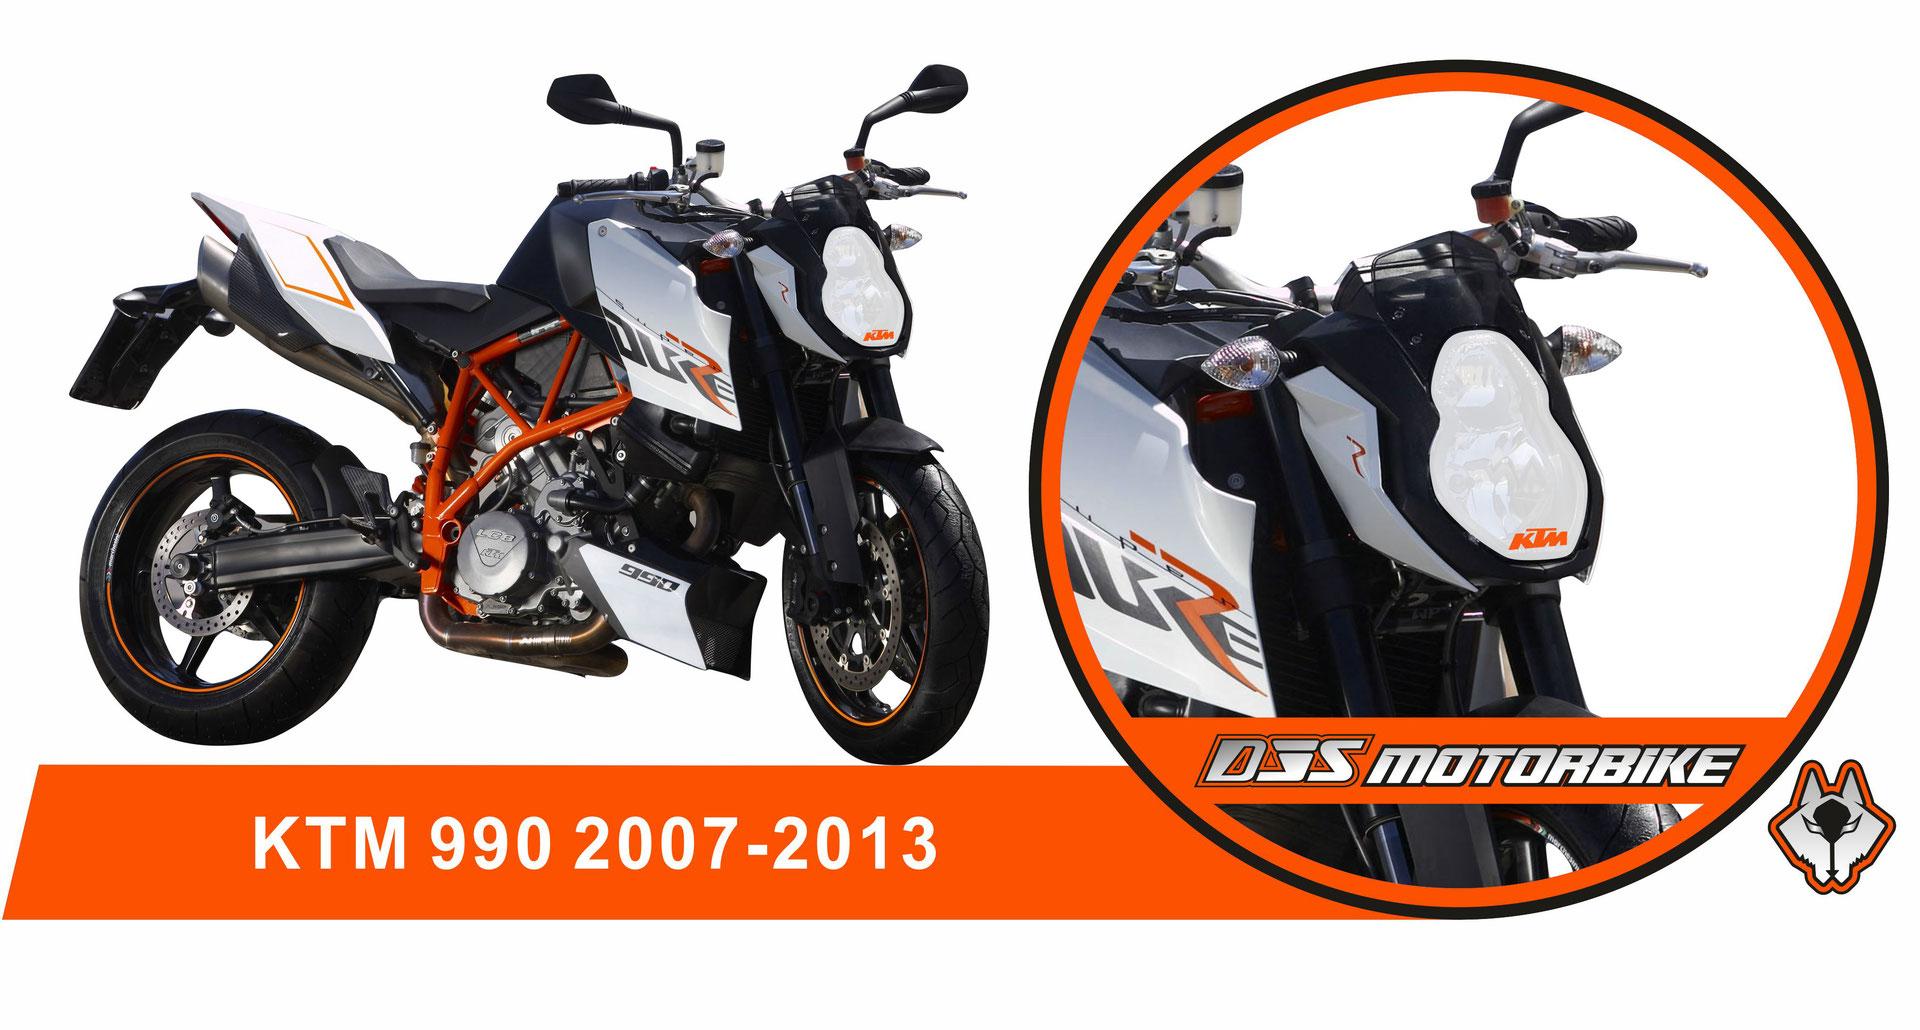 ktm superduke 990 2007-2013